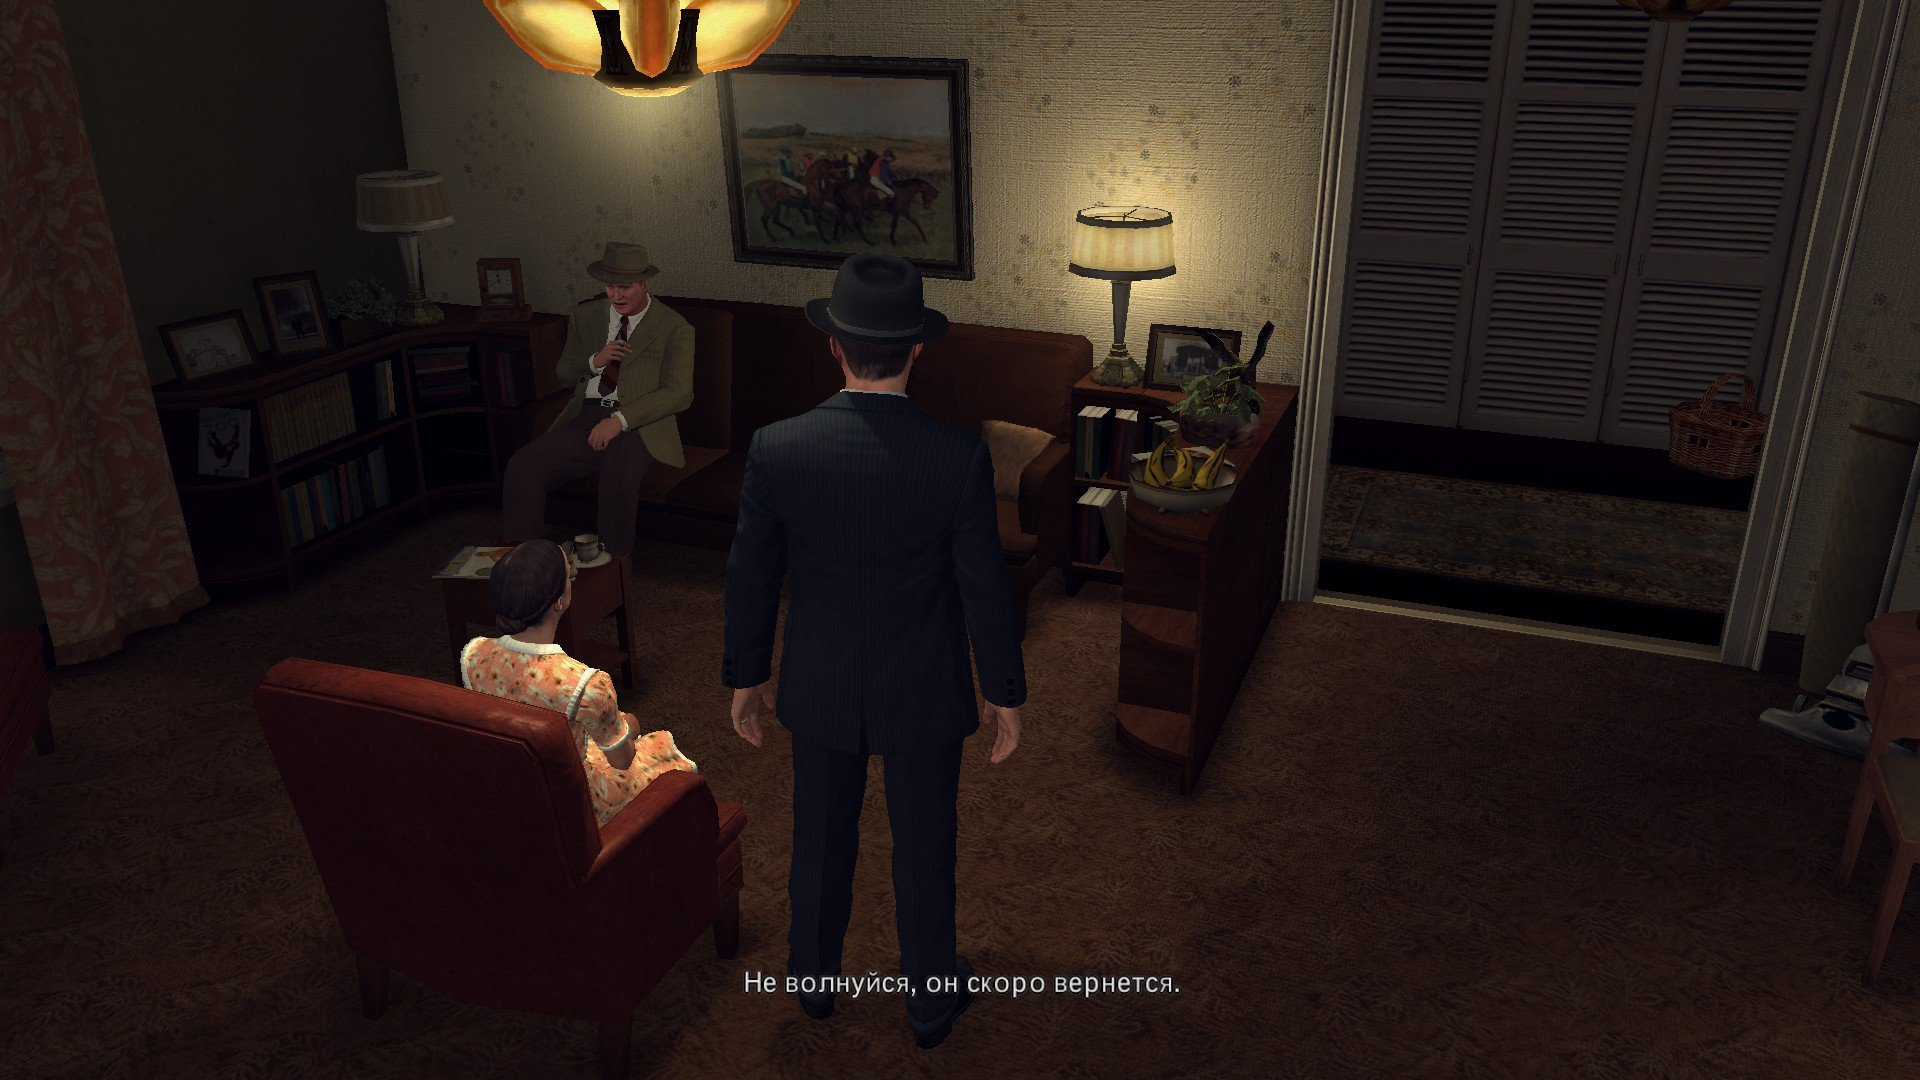 Пост-прохождение L.A. Noire Часть 9 - Изображение 22